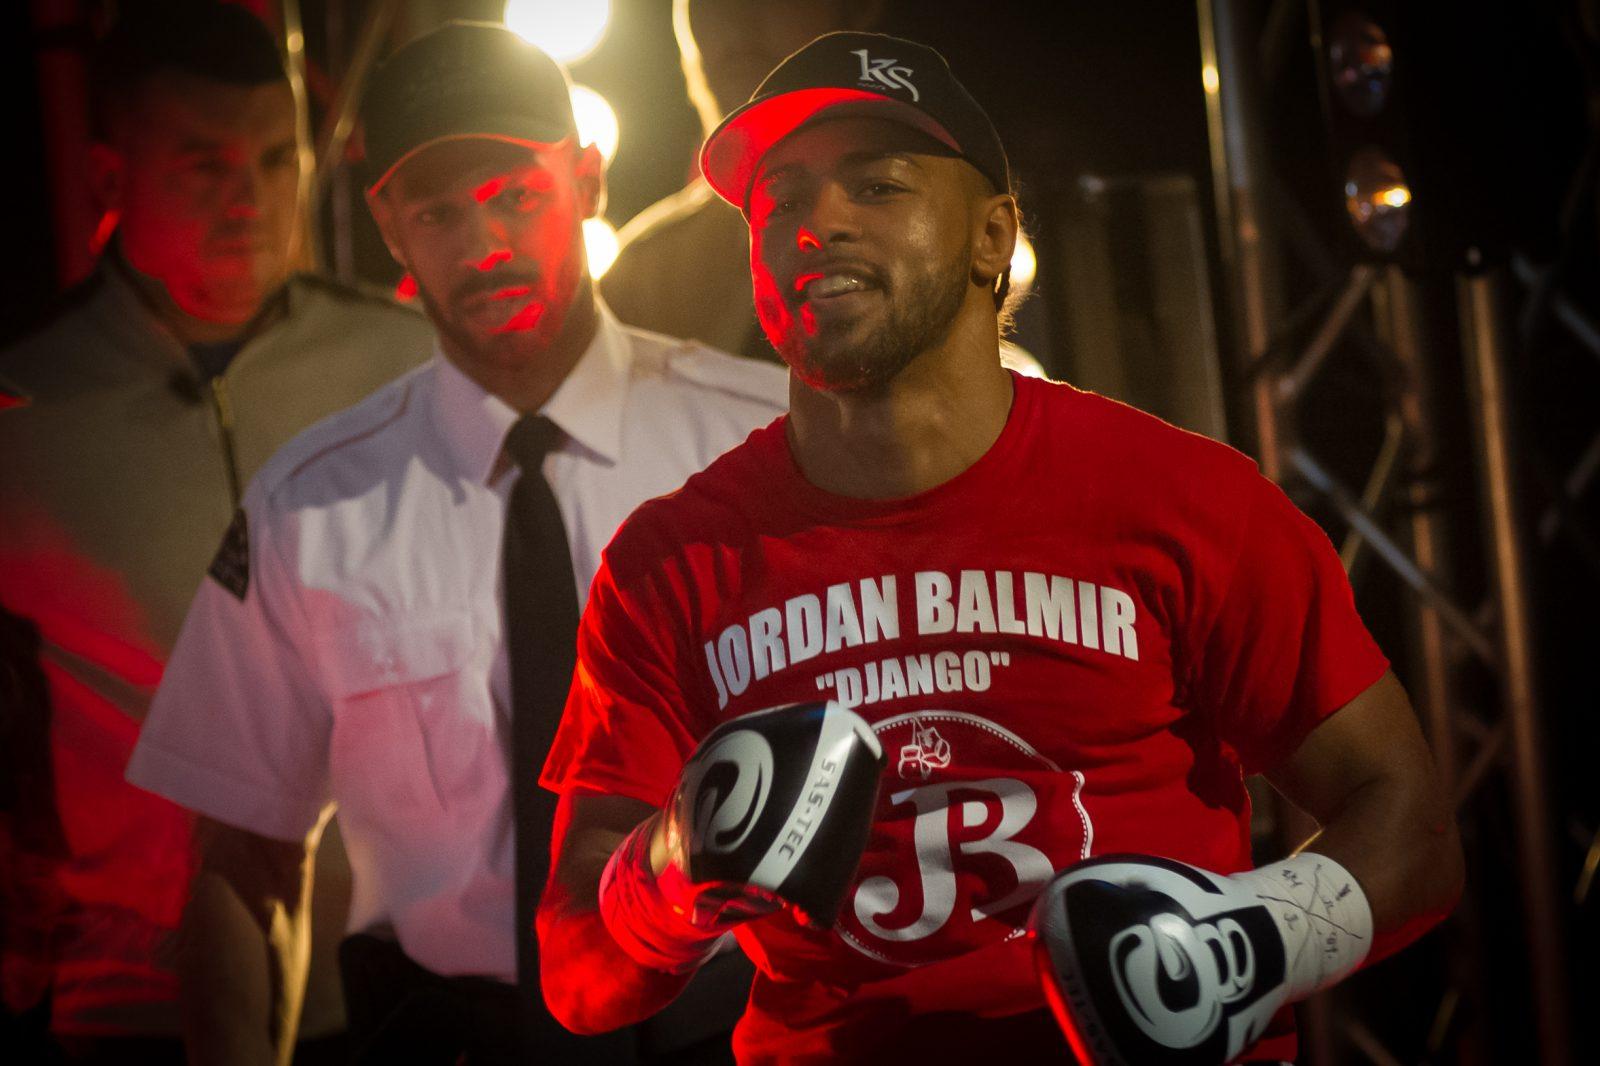 Jordan Balmir est prêt à voler le spectacle